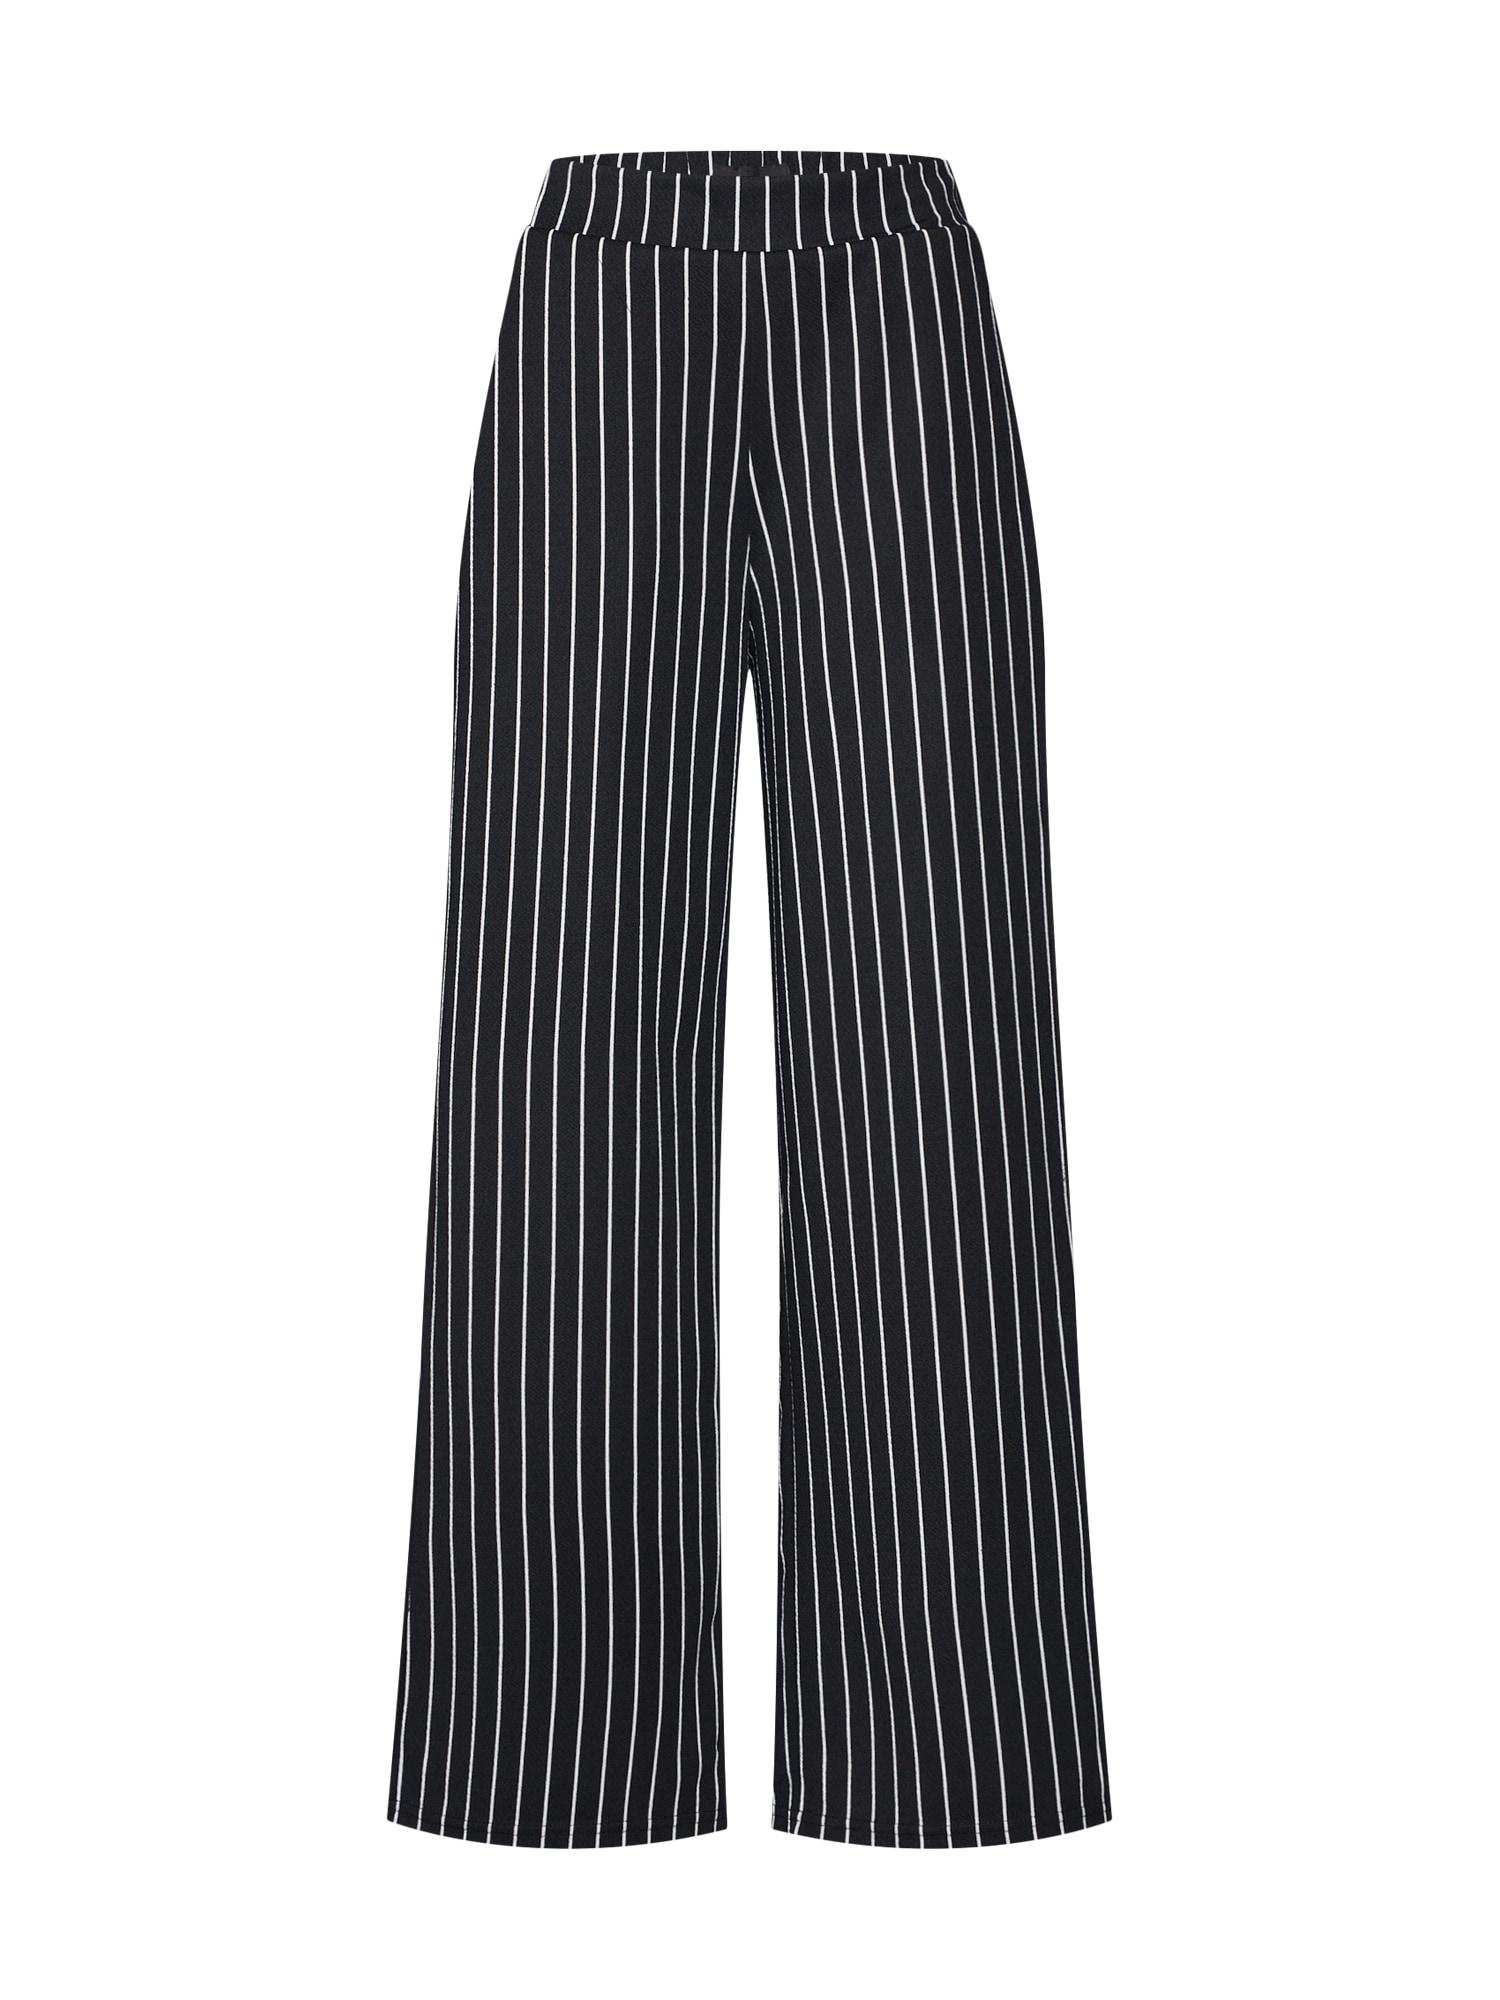 Kalhoty Scarlett černá bílá OBJECT